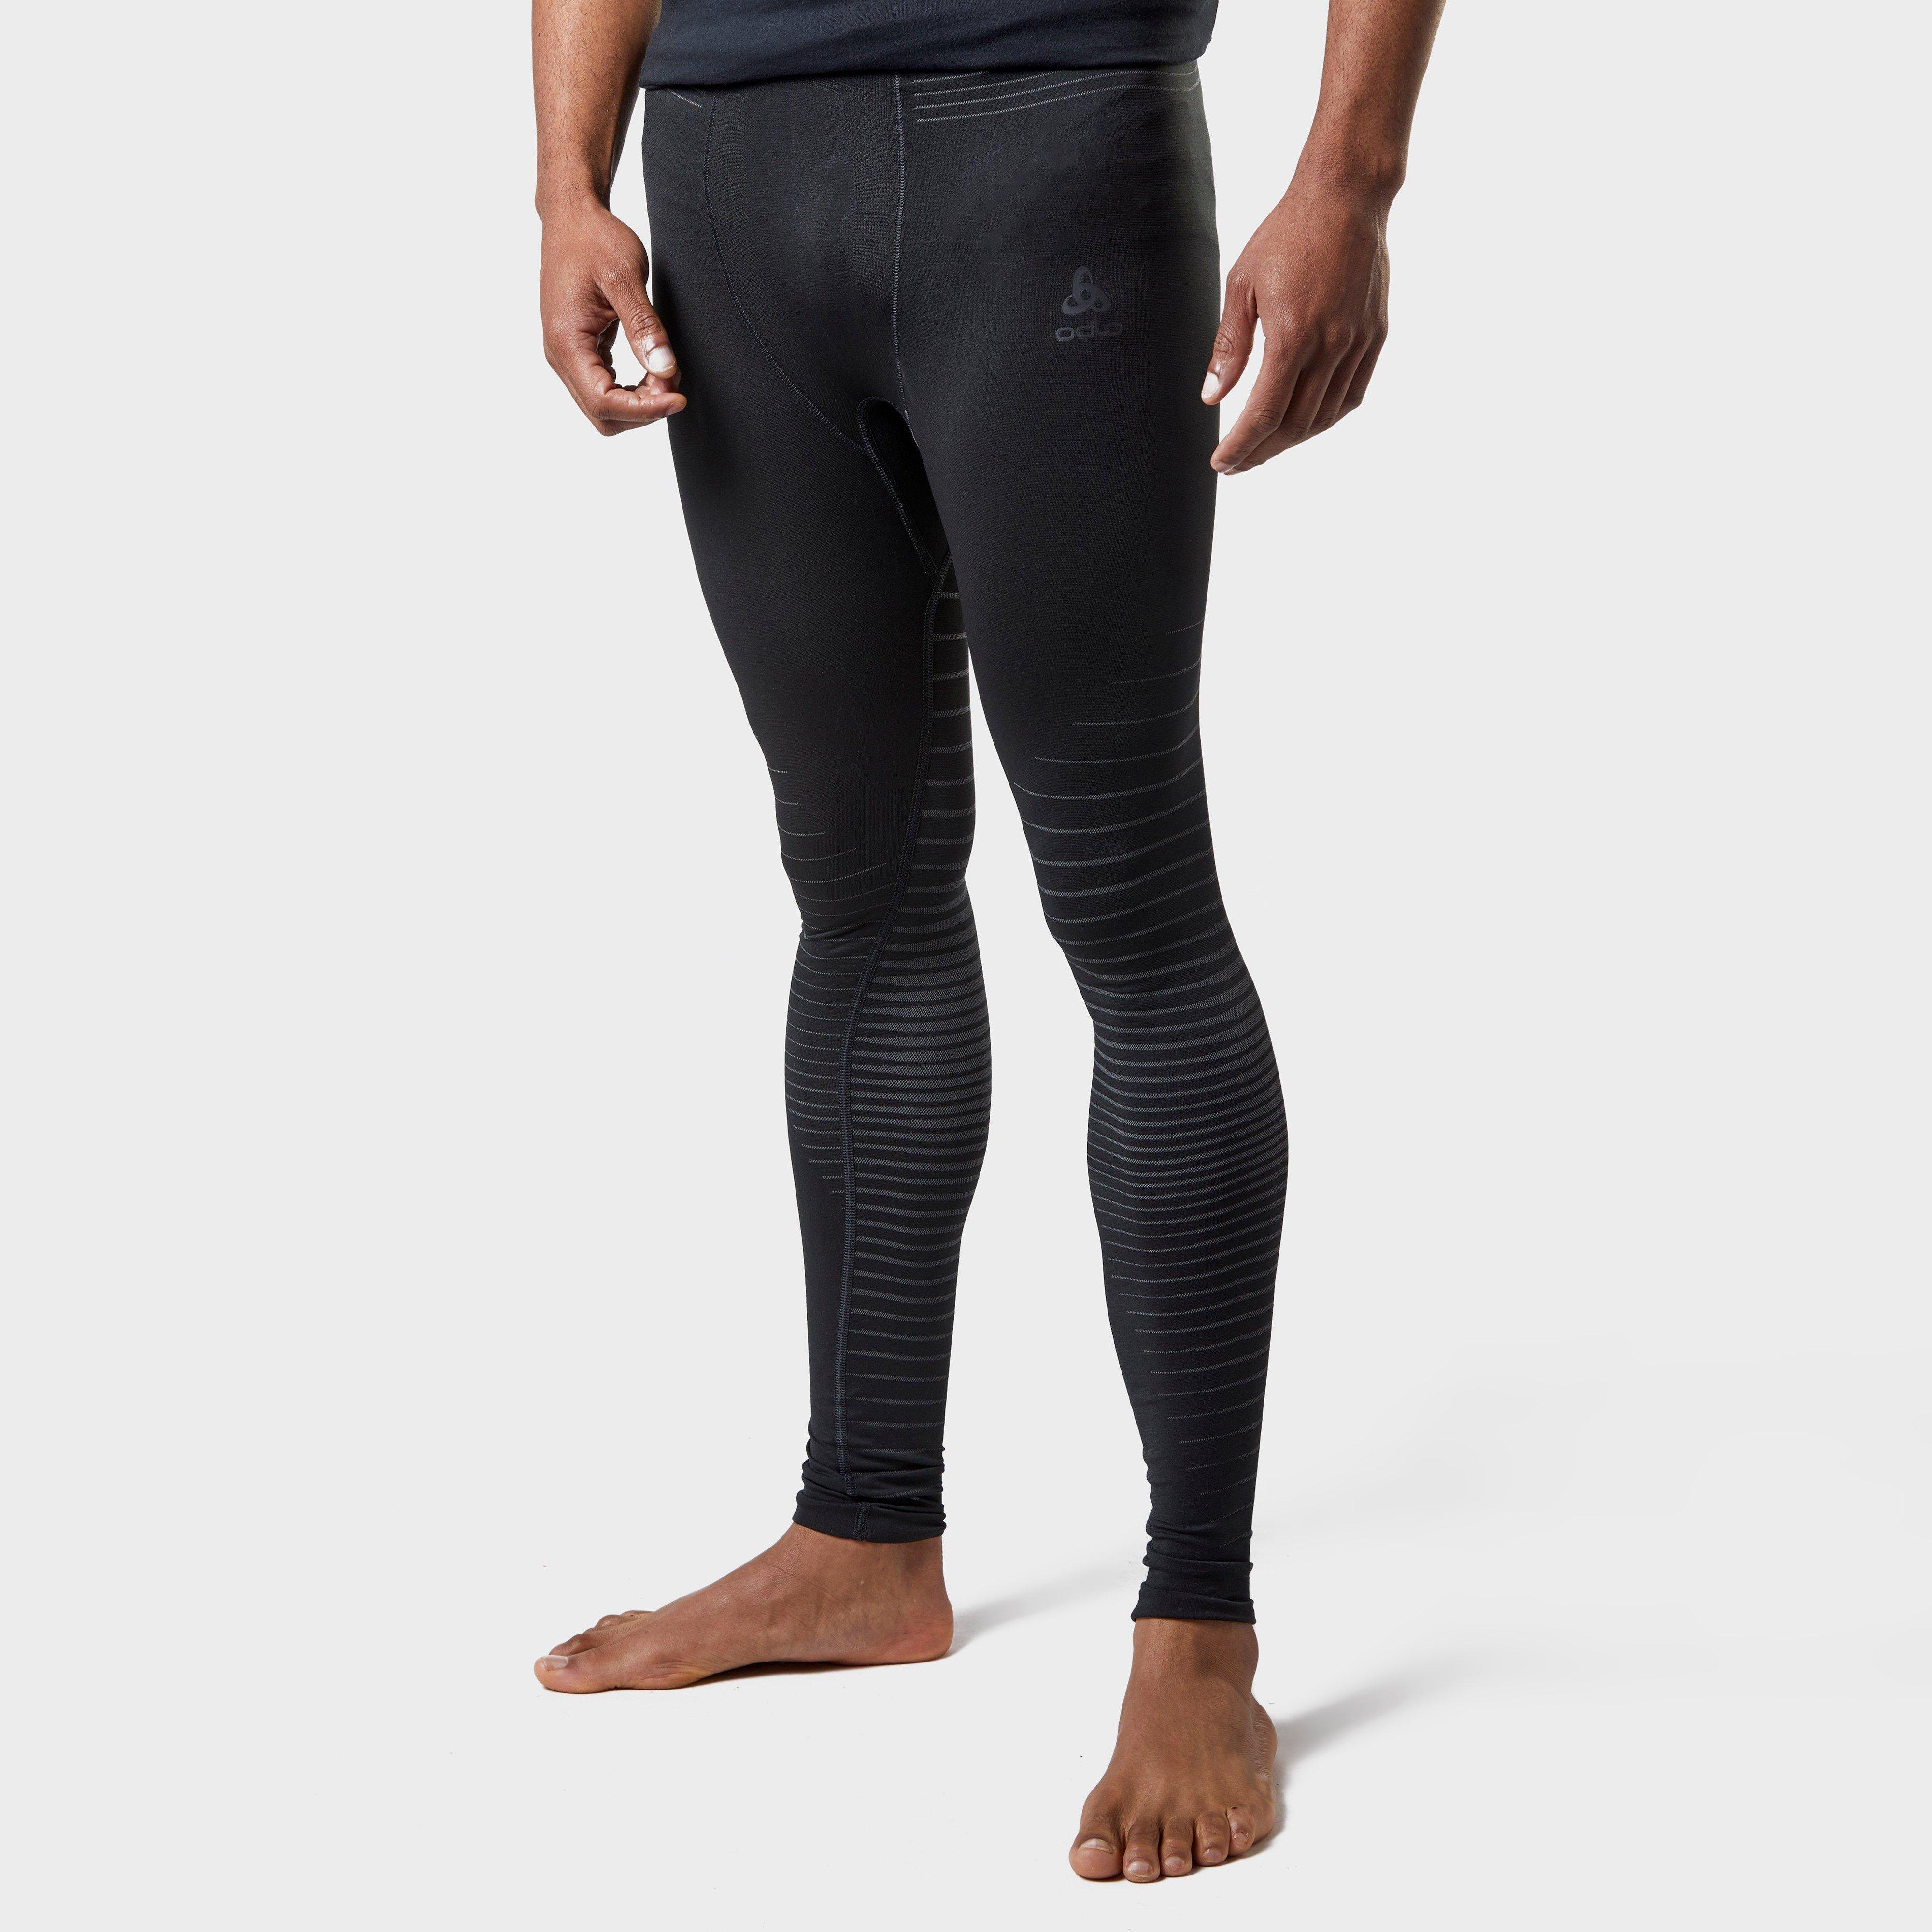 Odlo Odlo Mens Performance Light Pants - Black, Black